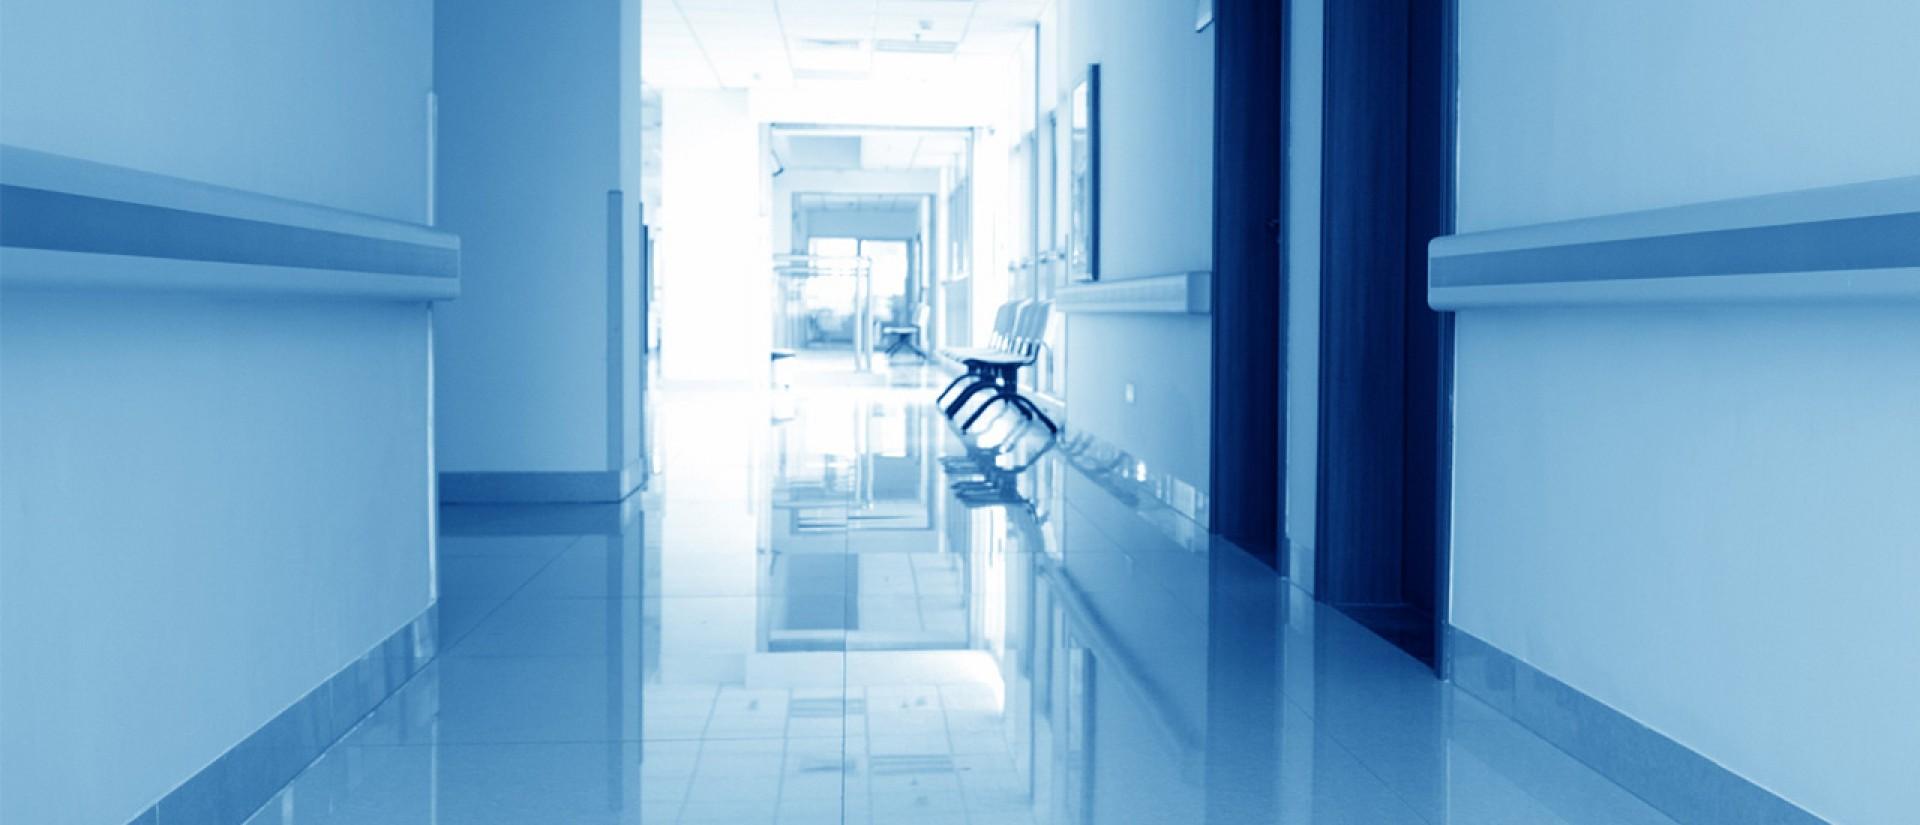 «Проблема не в нехватке средств»: Депутат Госдумы – о проблеме привлечения медиков в здравоохранение